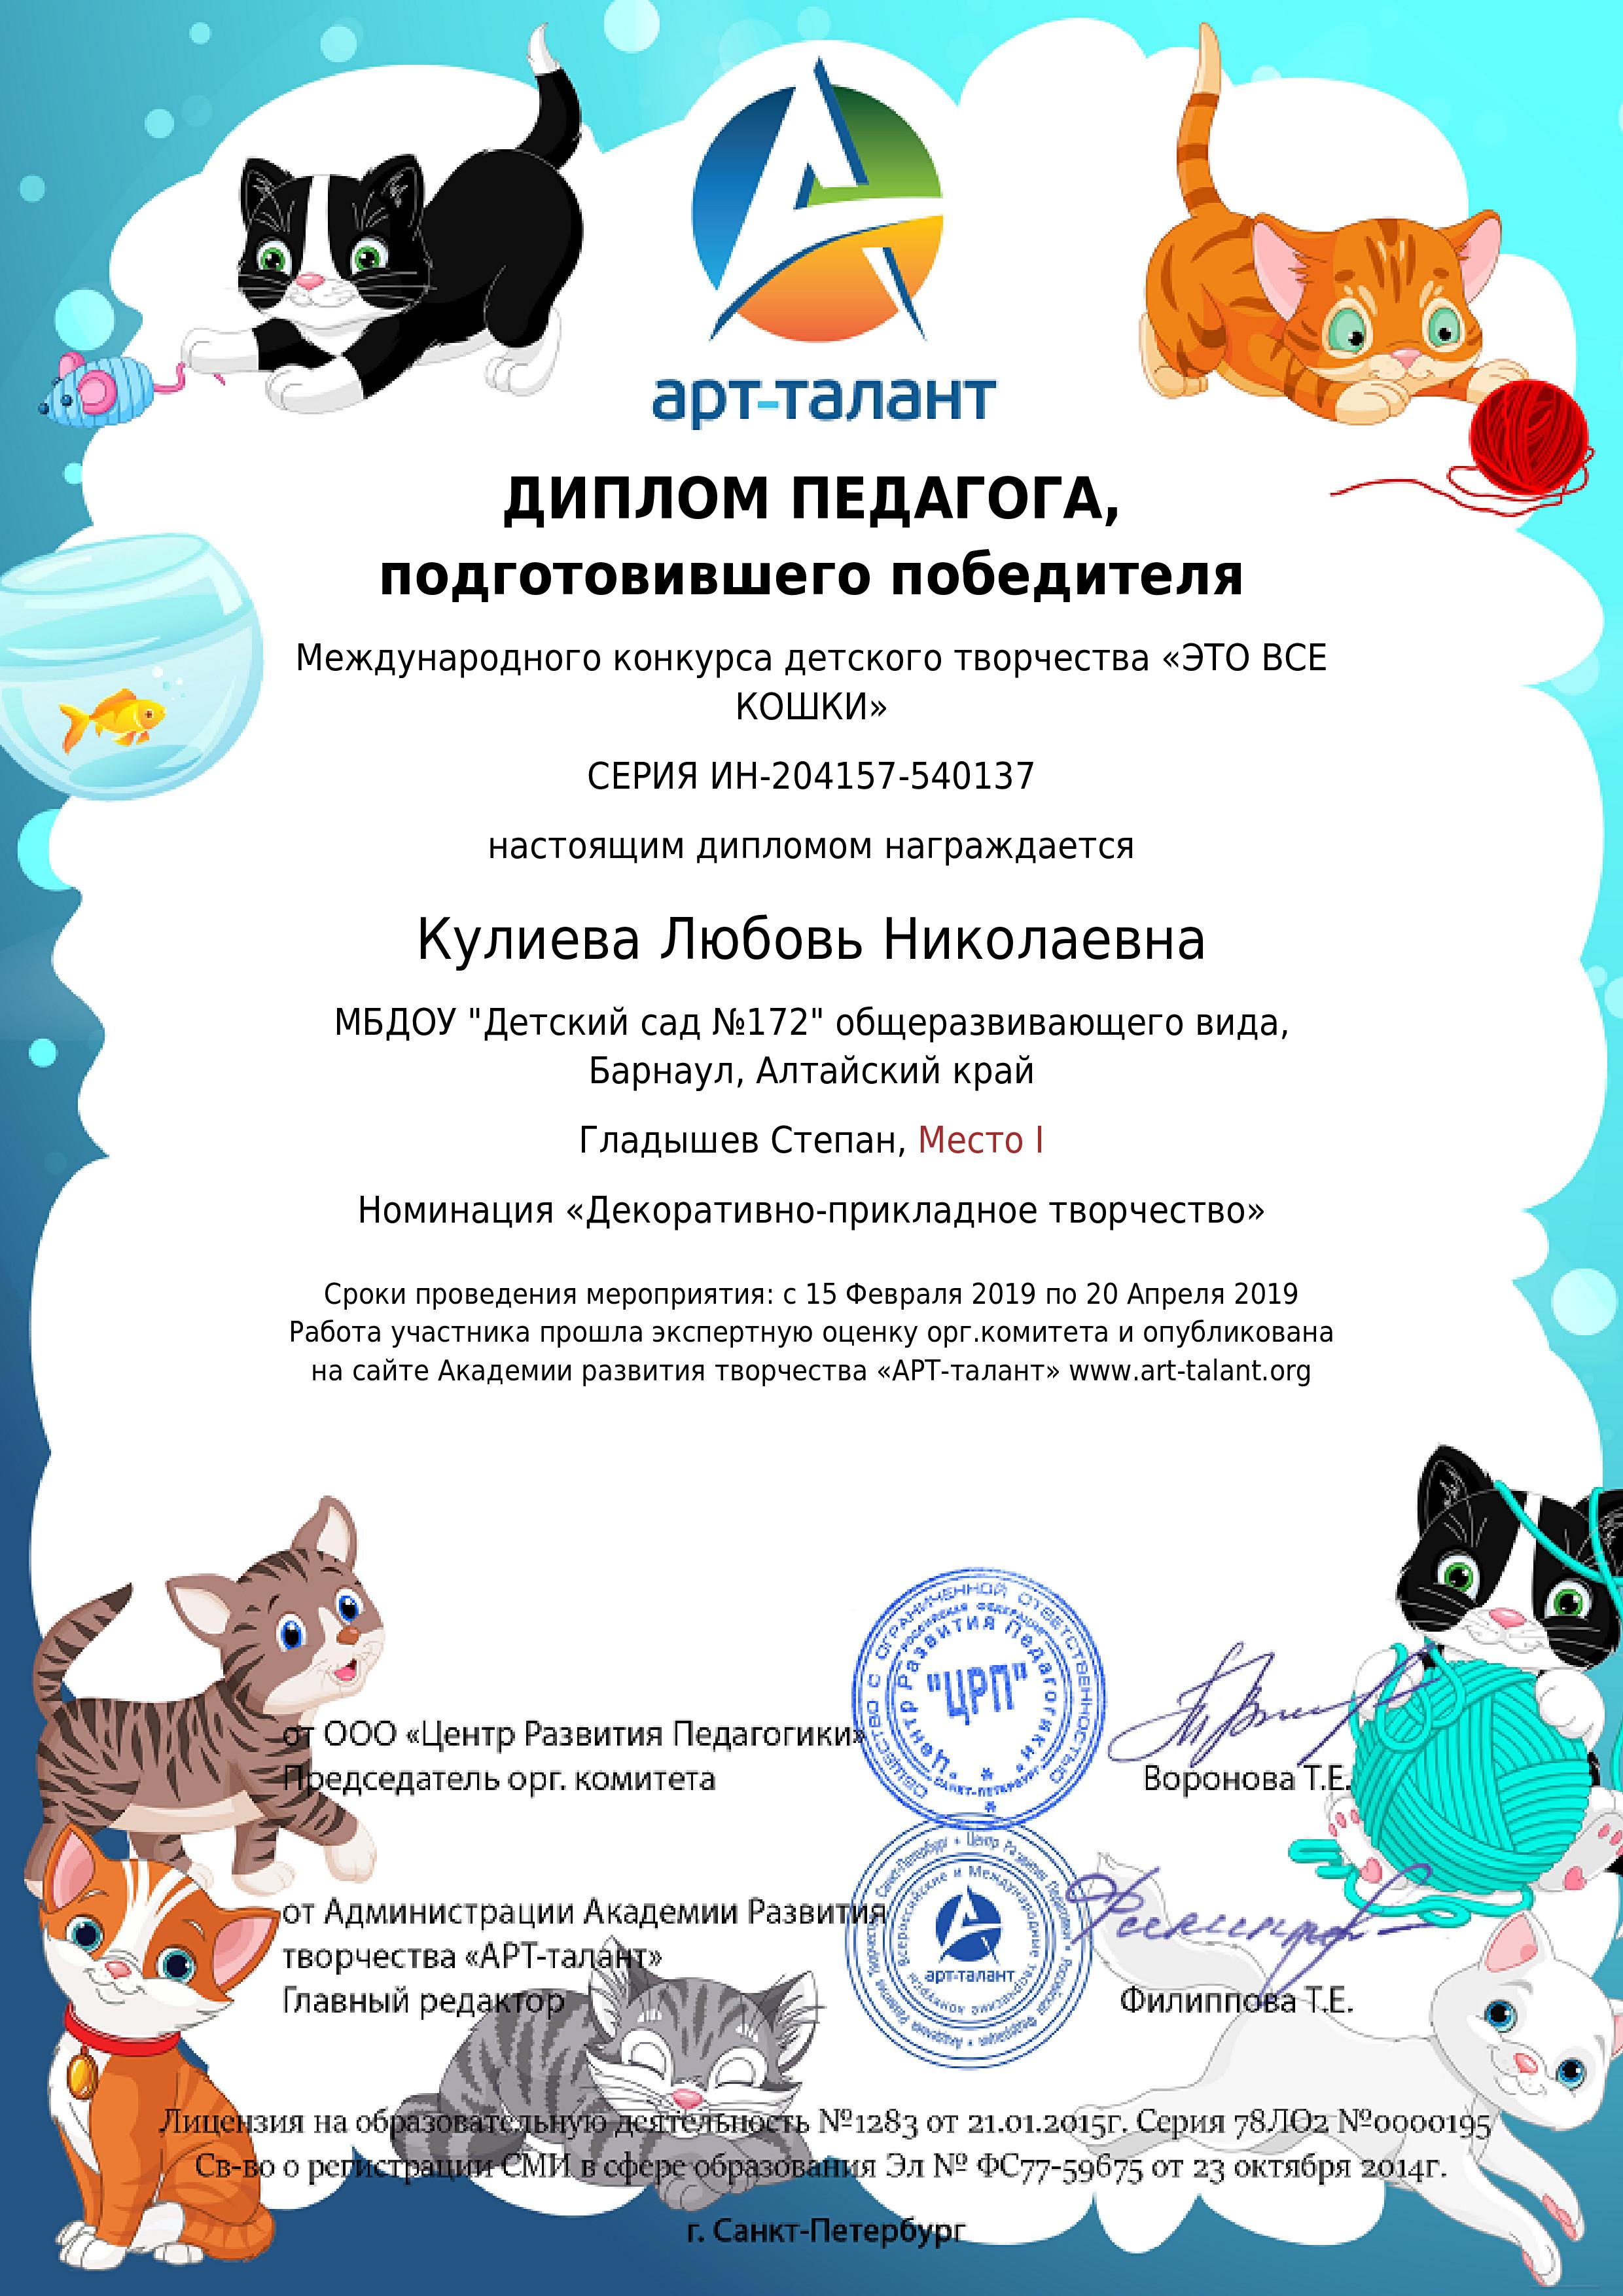 Кулиева-Любовь-Николаевна